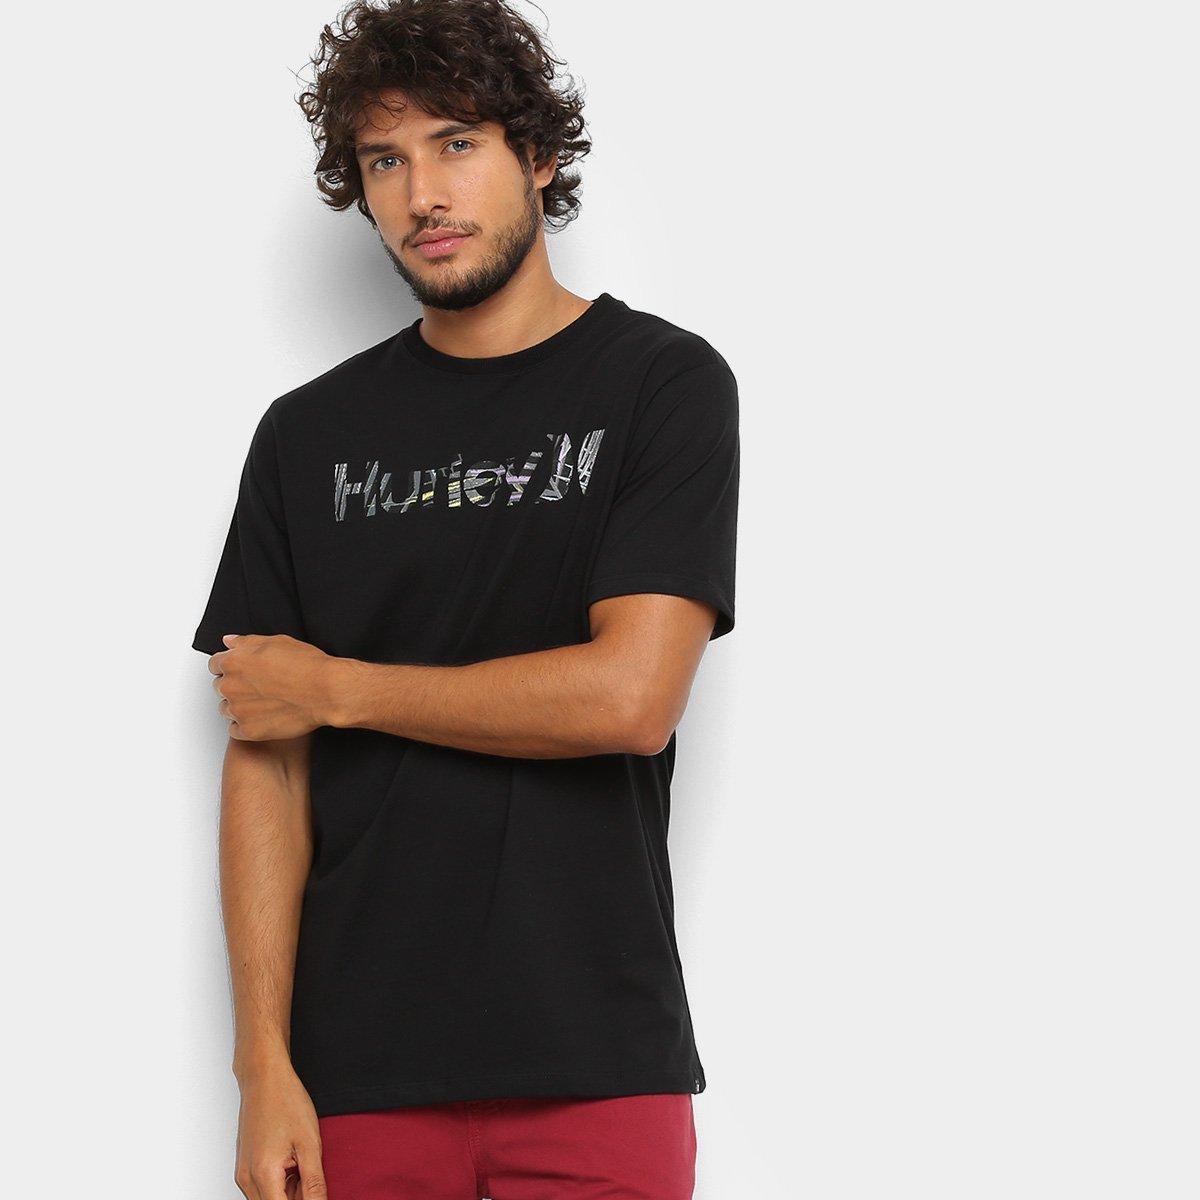 af12457e2e Camiseta Hurley Silk O O Florest Masculina - Preto - Compre Agora ...